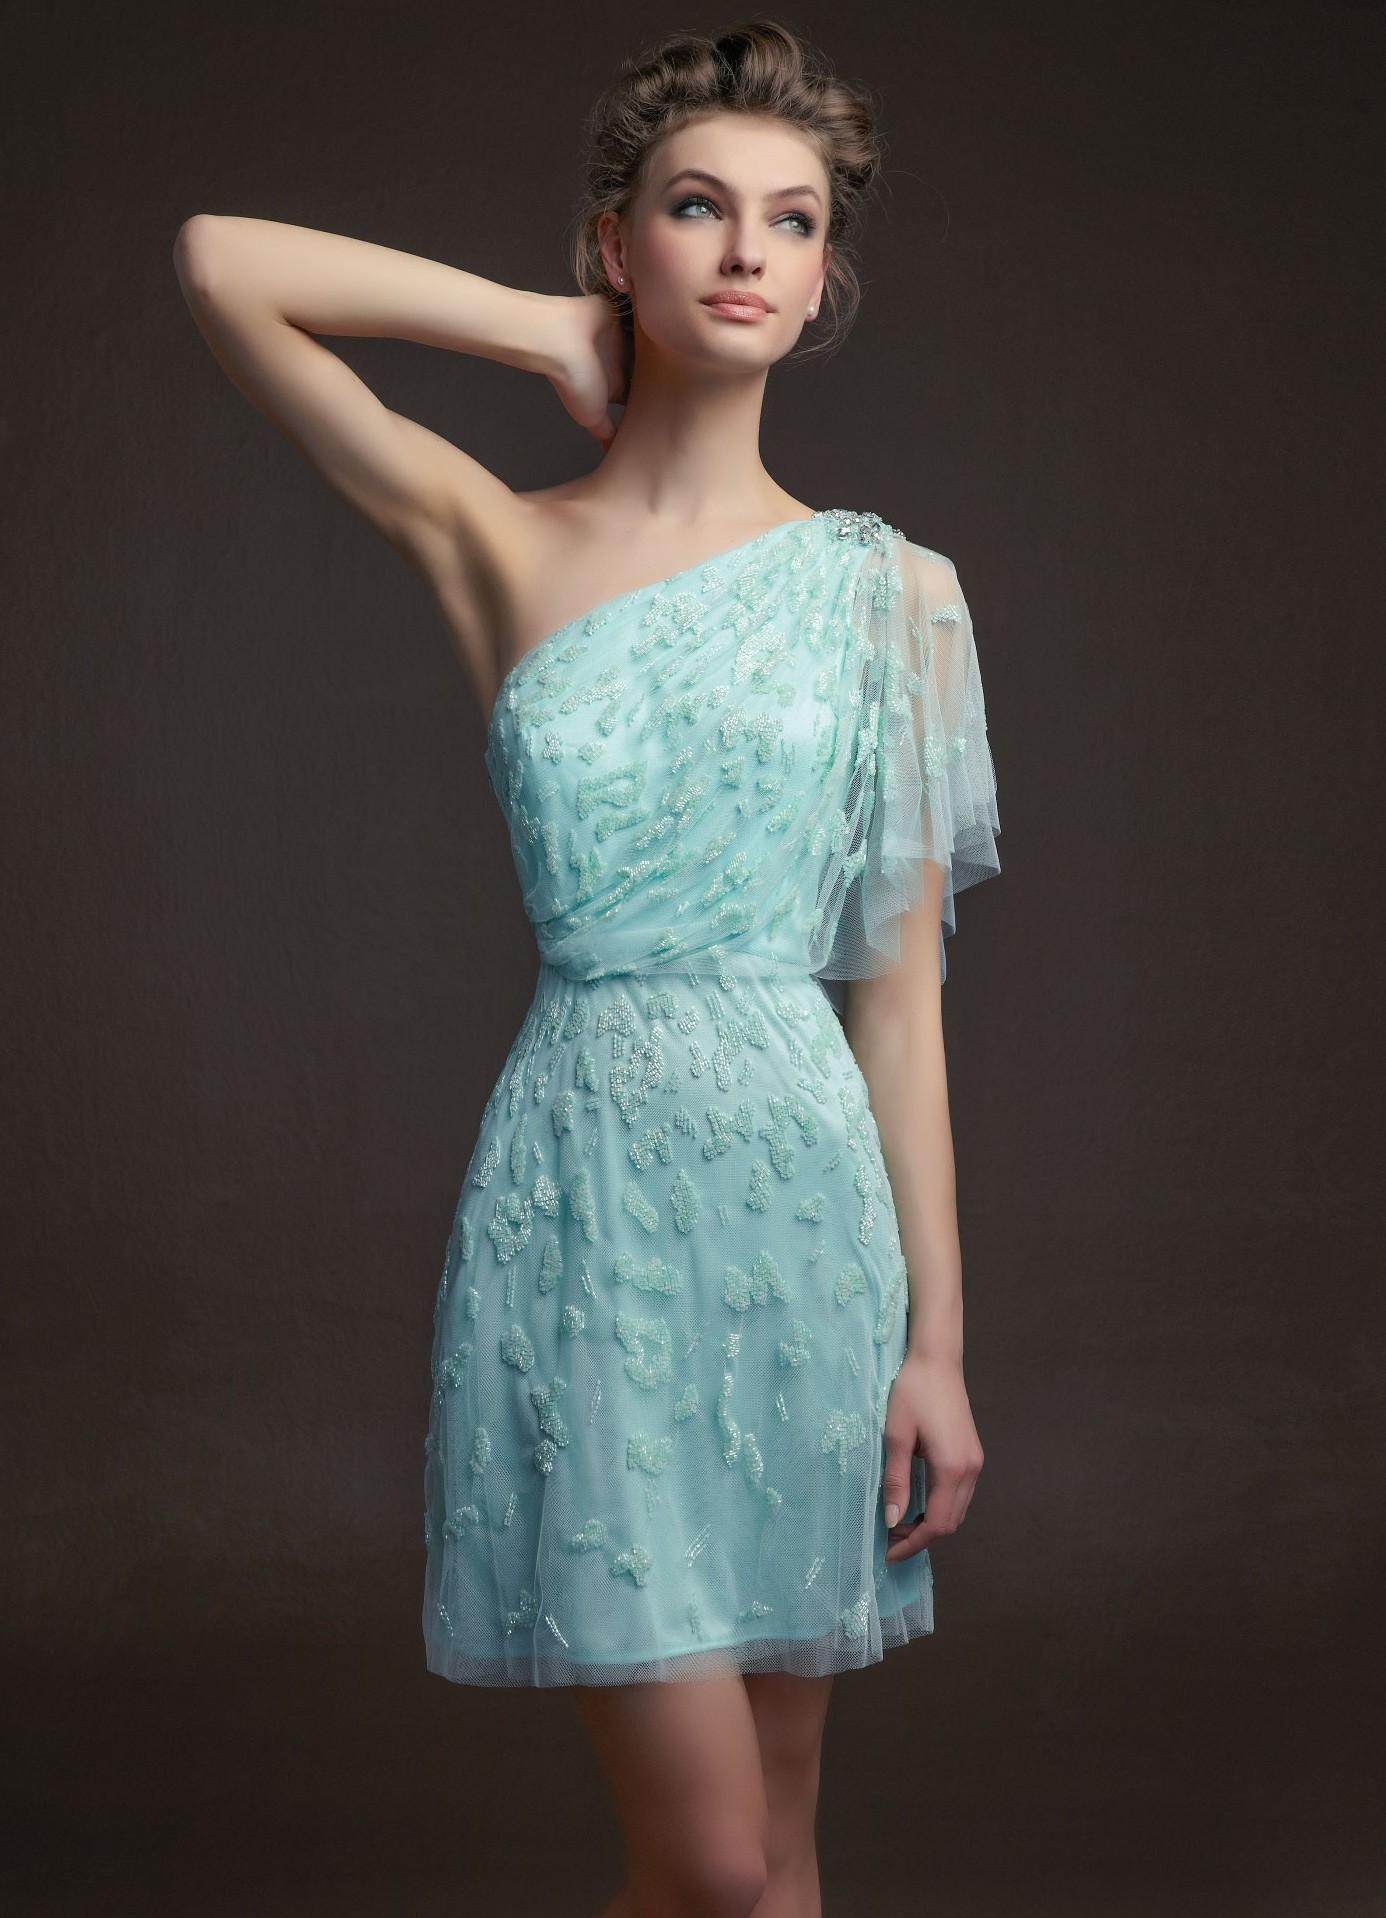 красивое платье красивое фото